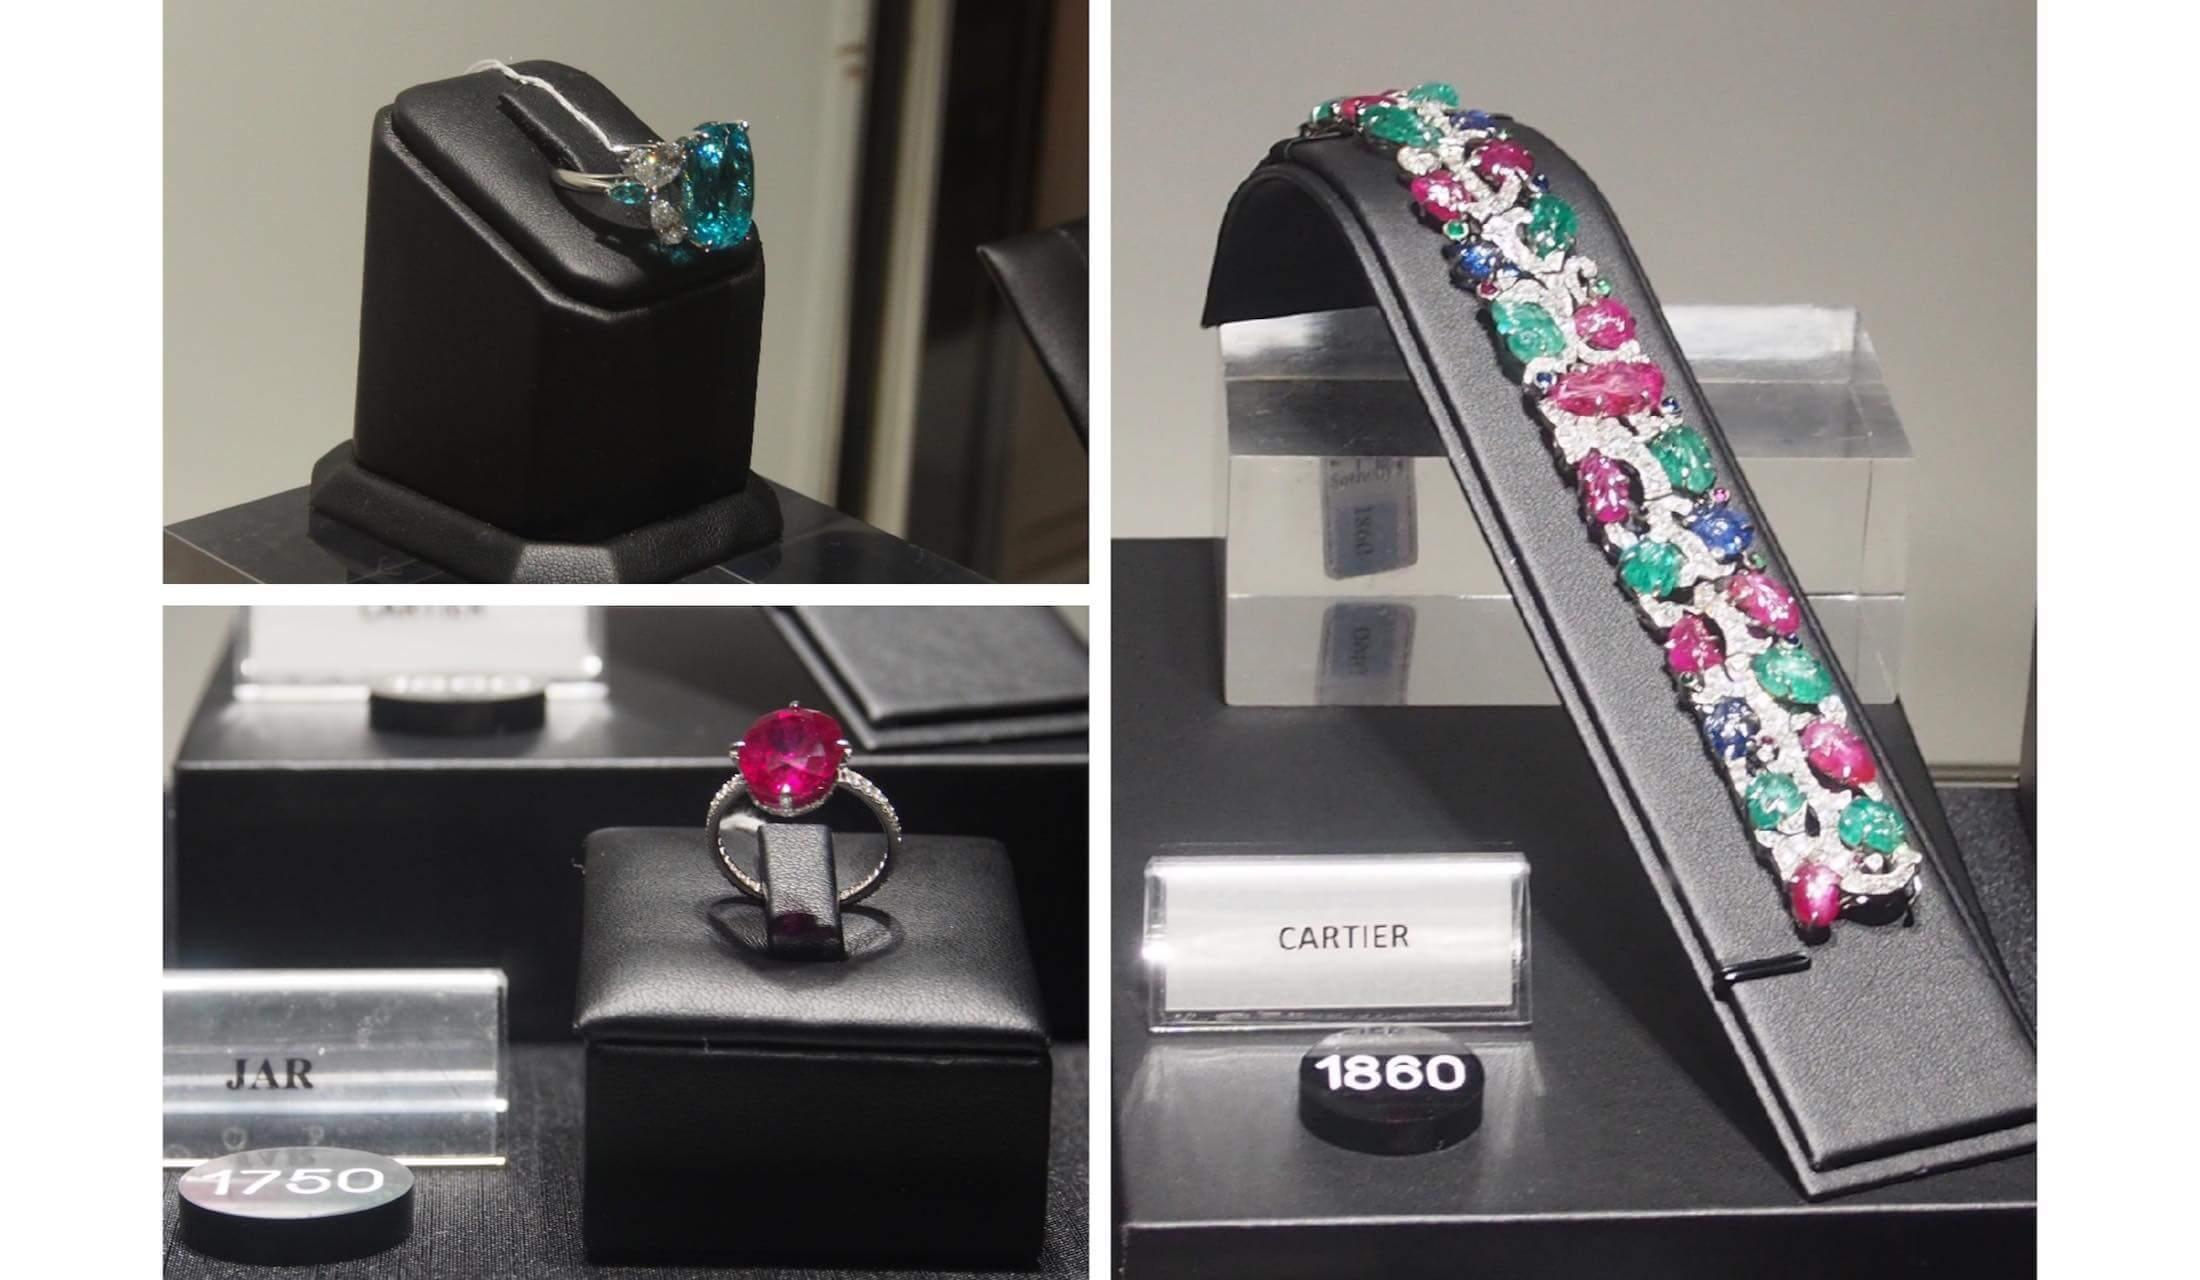 10月3日に香港で開催される「サザビーズジュエリーオークション(Magnificent Jewels and Jedlik)」